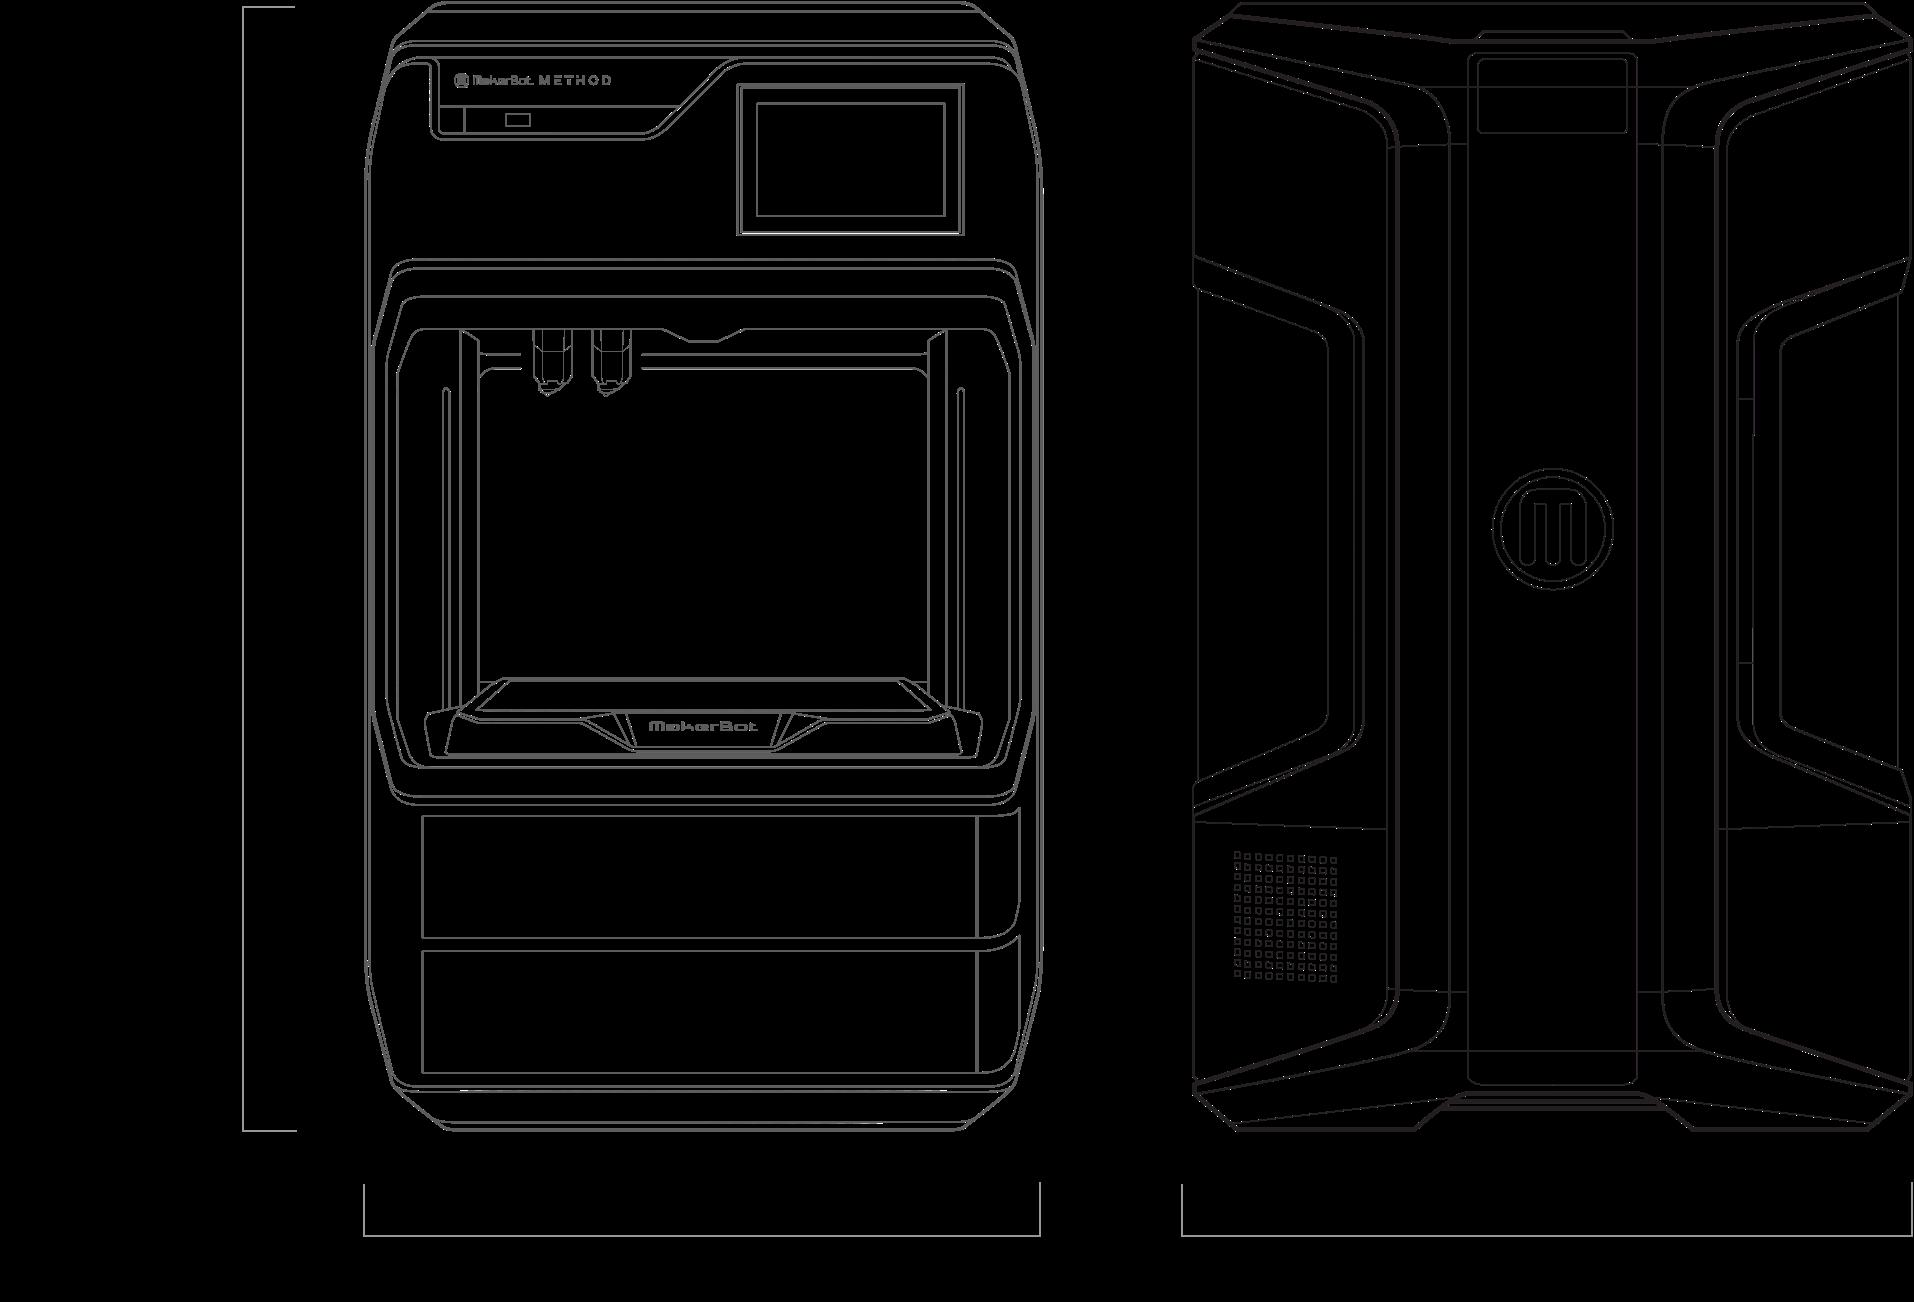 infoTRON-makerbot-3Dprinter